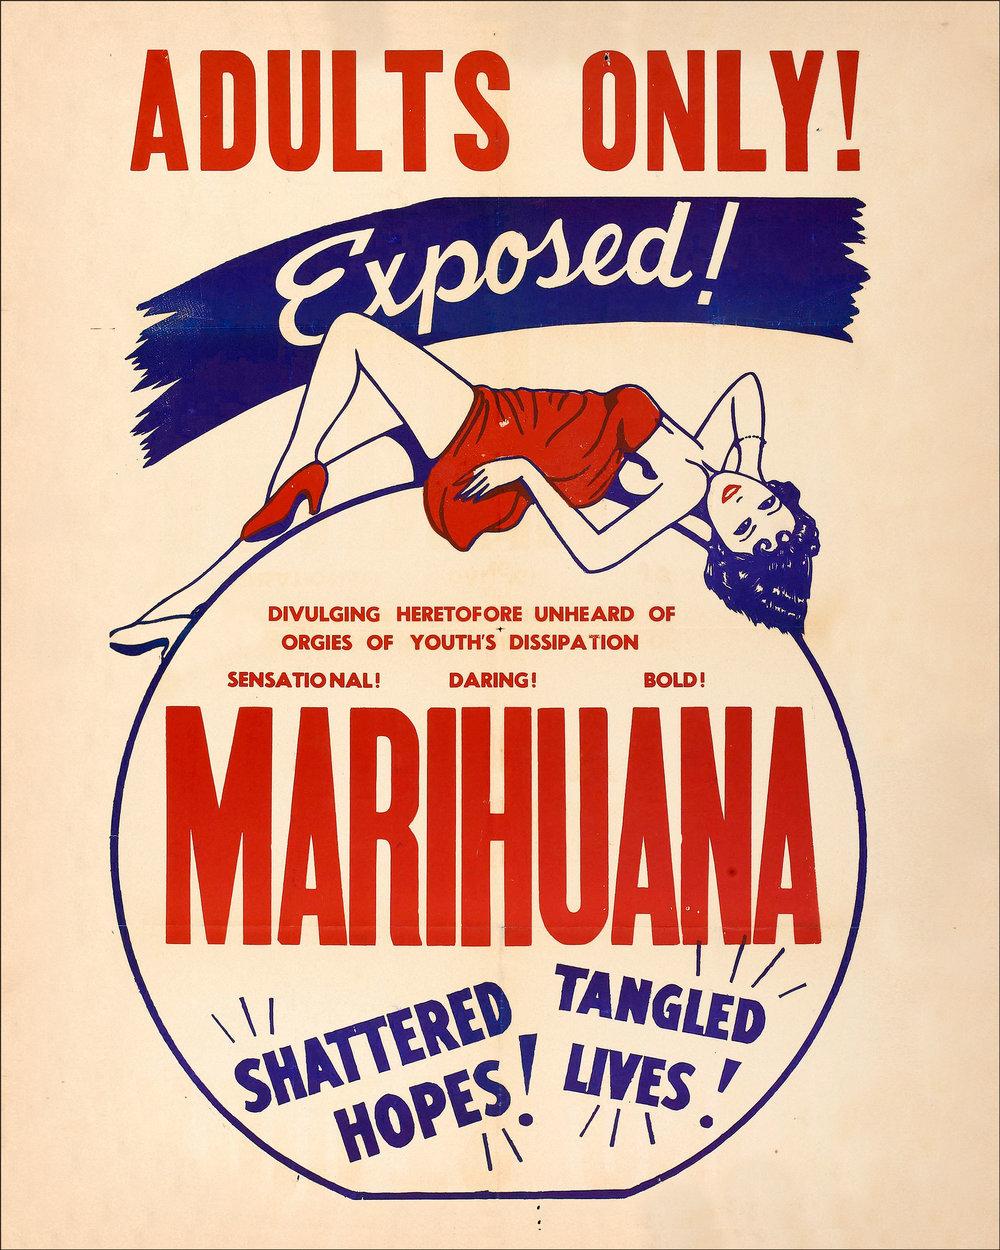 pm8_sd_dru_marijuana-exposed-poster_F.jpg